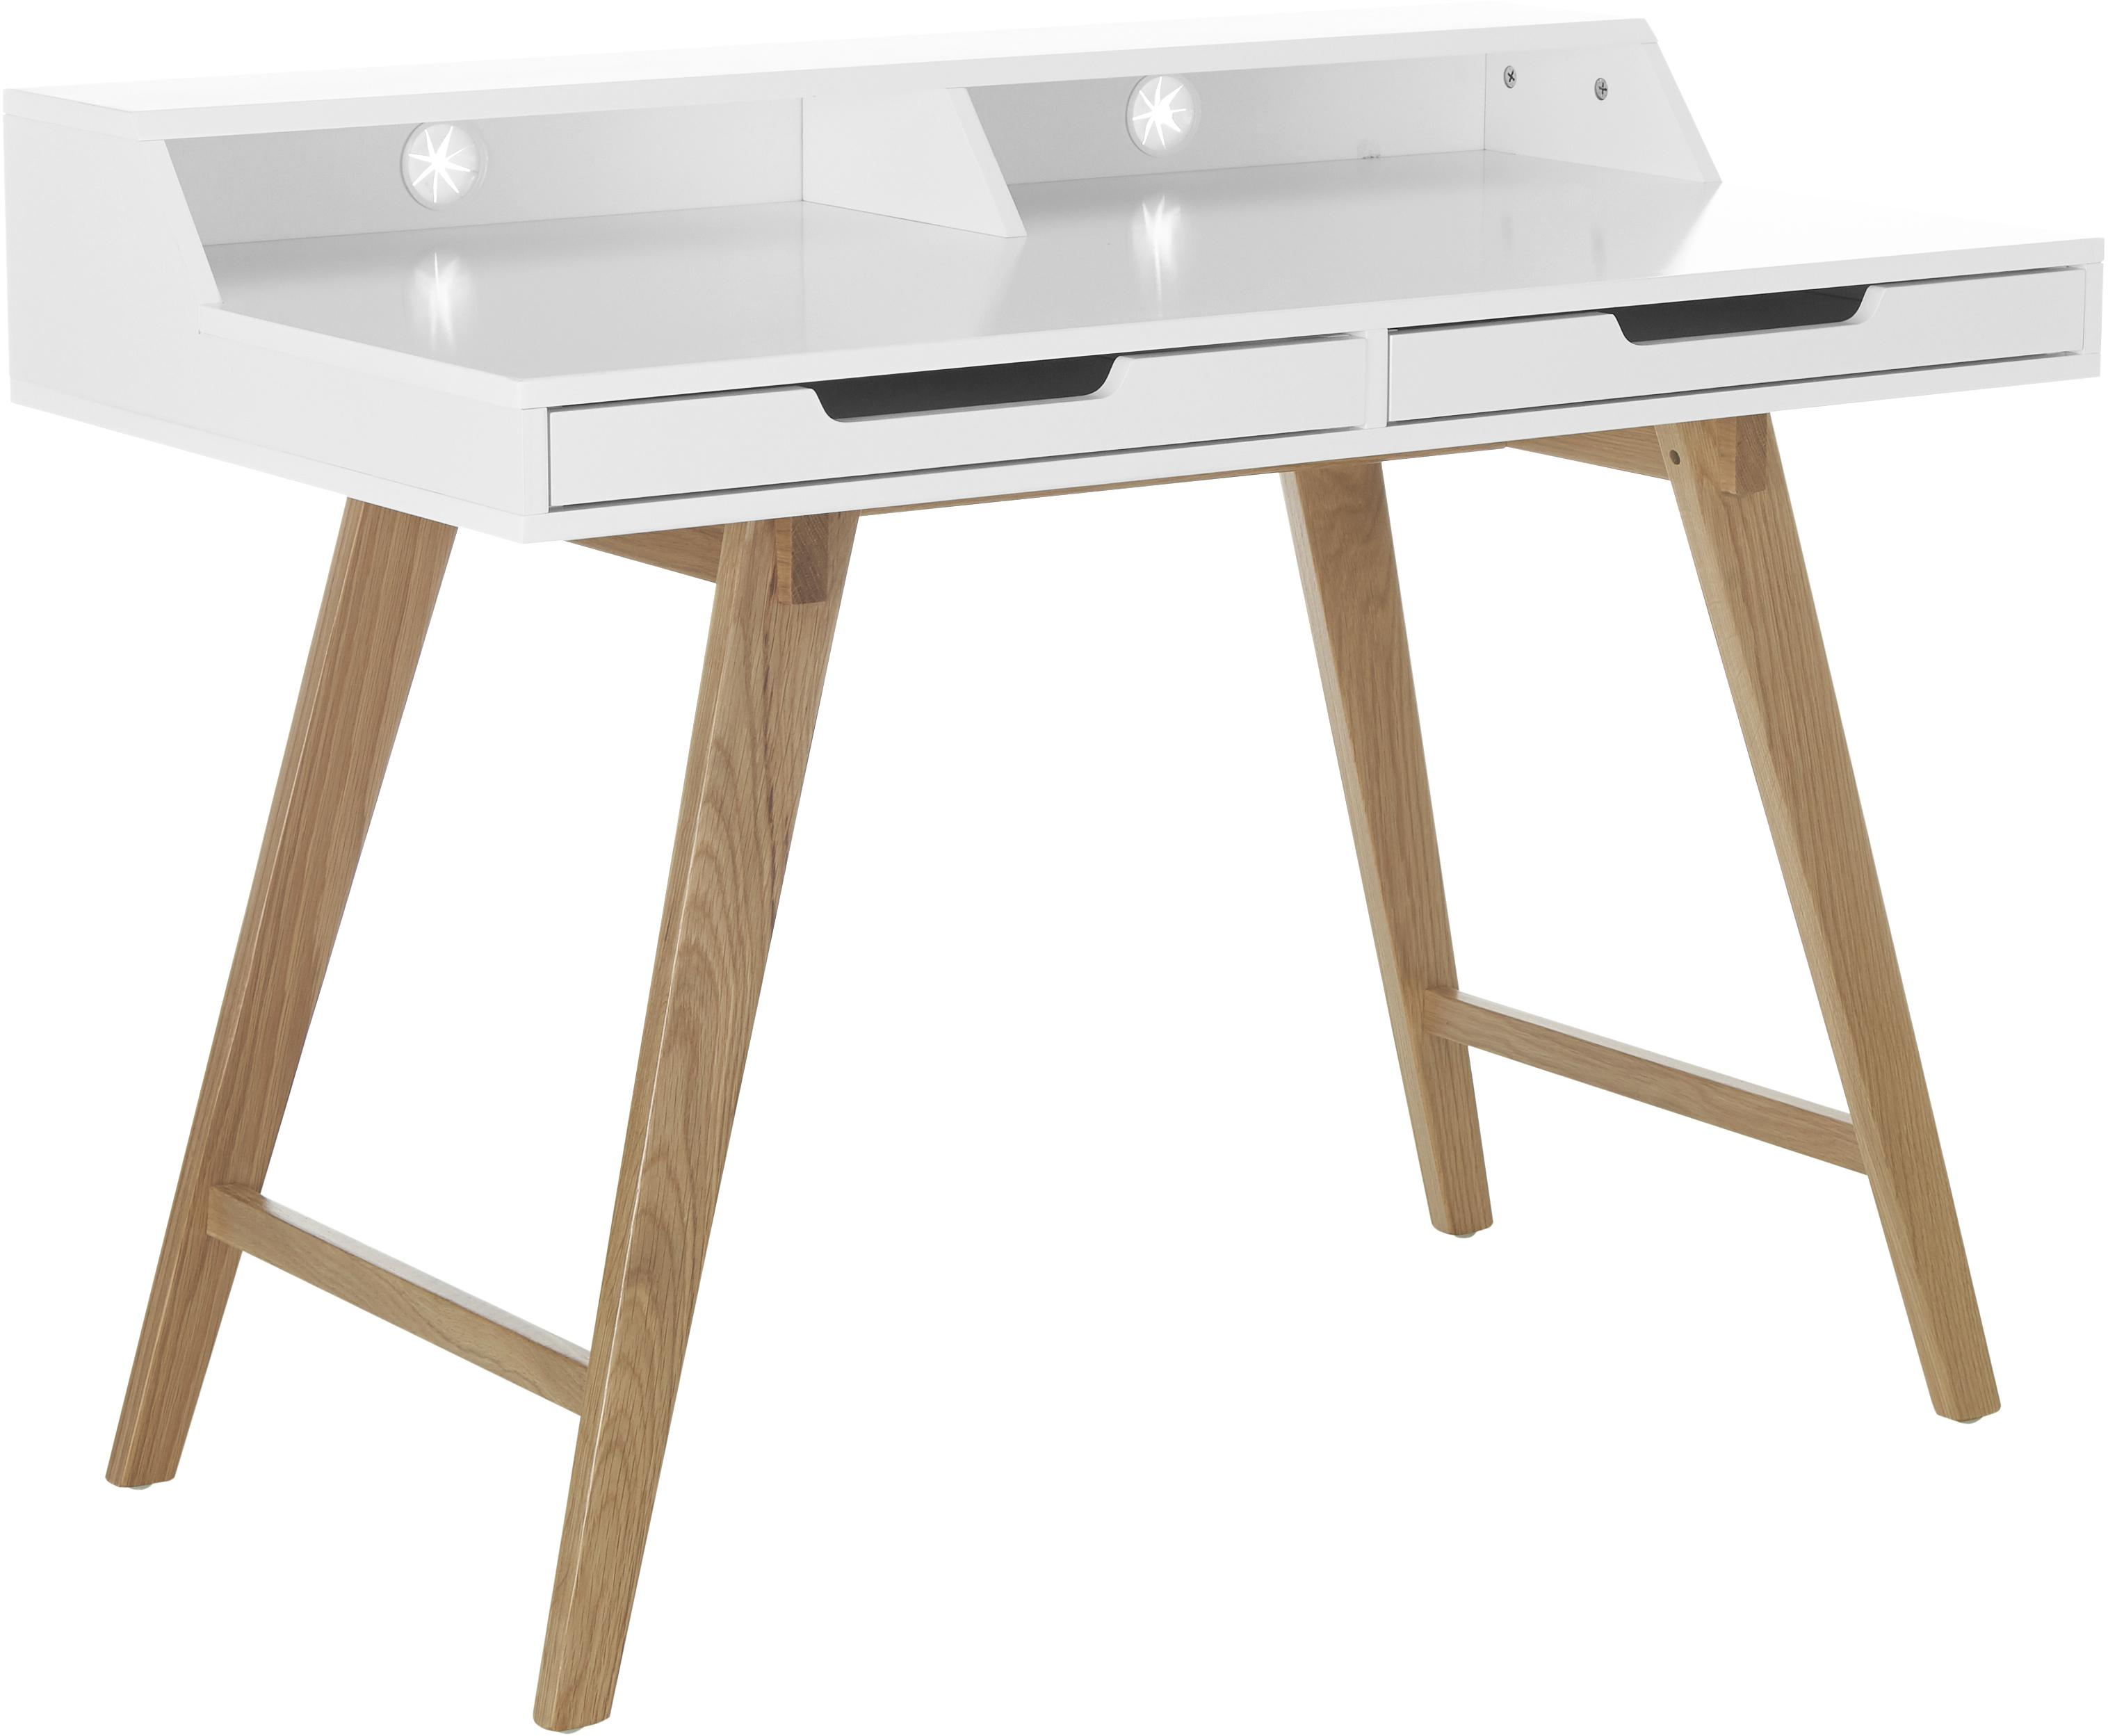 Schreibtisch Skandi in Weiß mit Holzbeinen, Korpus: Mitteldichte Holzfaserpla, Beine: Eichenholz, massiv, Weiß, Eichenholz, 110 x 85 cm